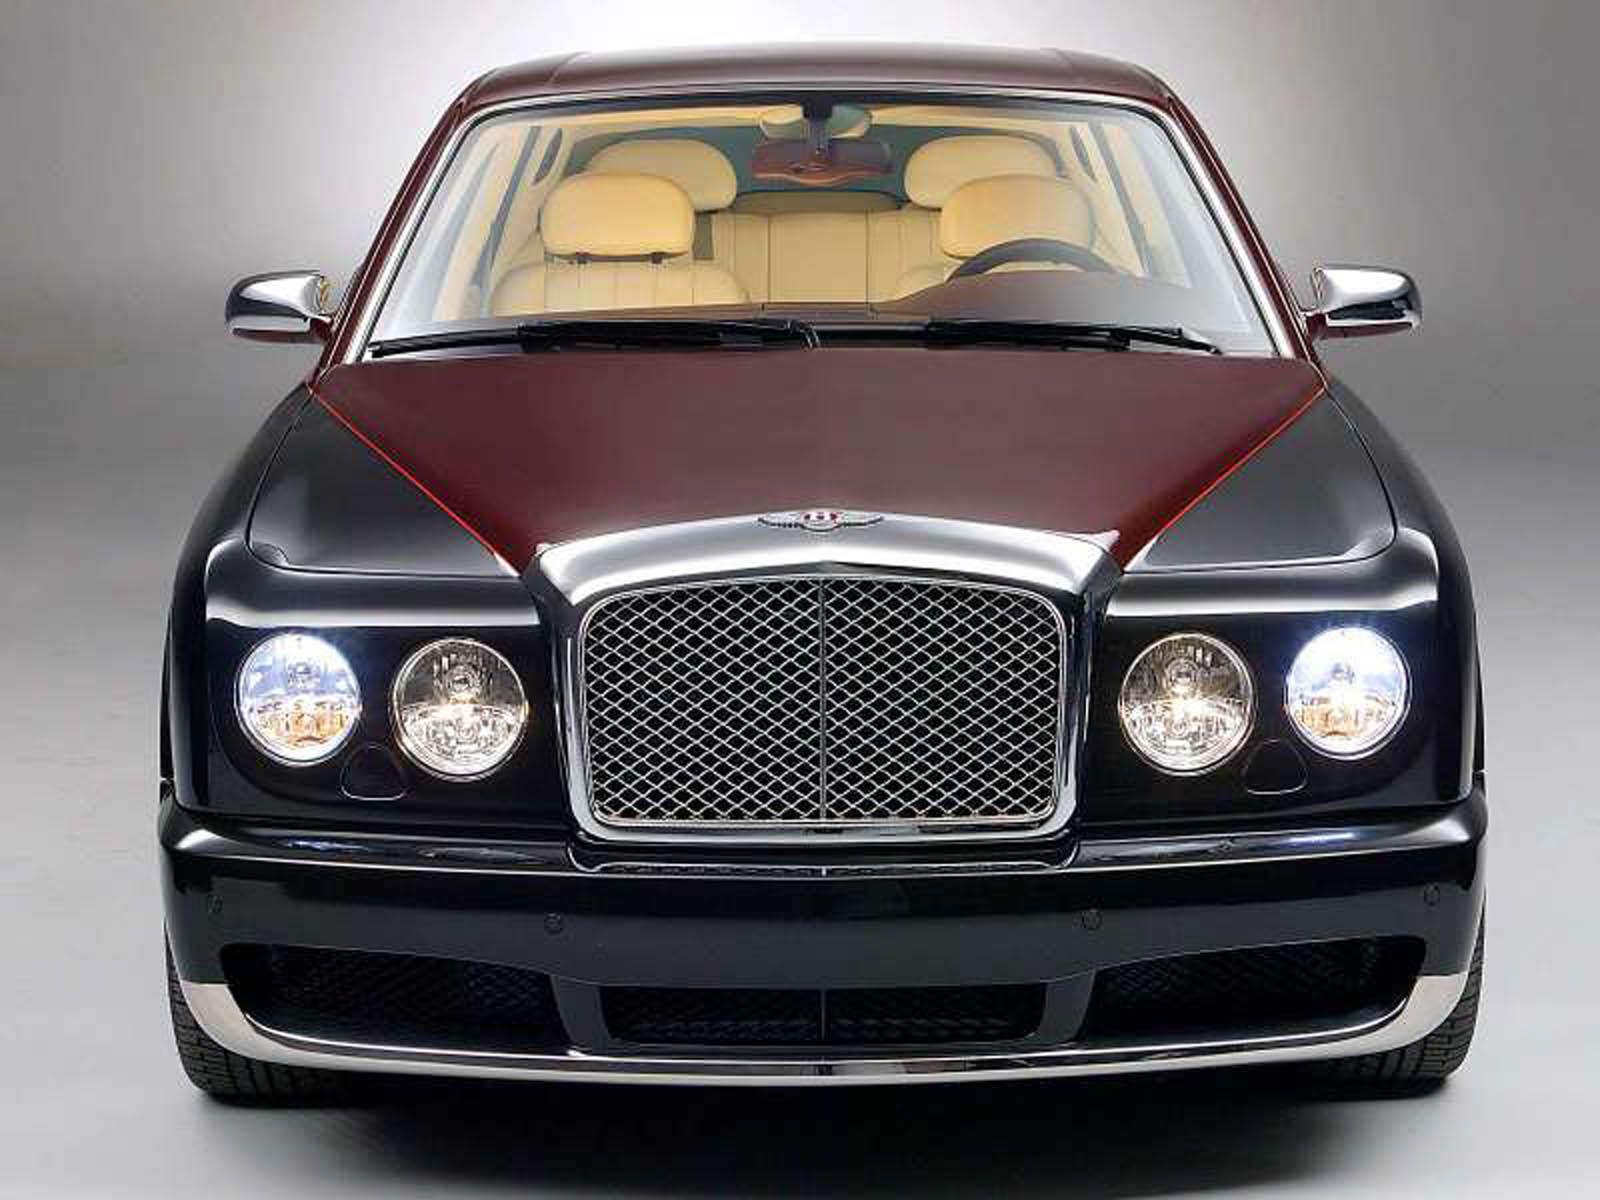 Wallpapers: Bentley Arnage Car Wallpapers